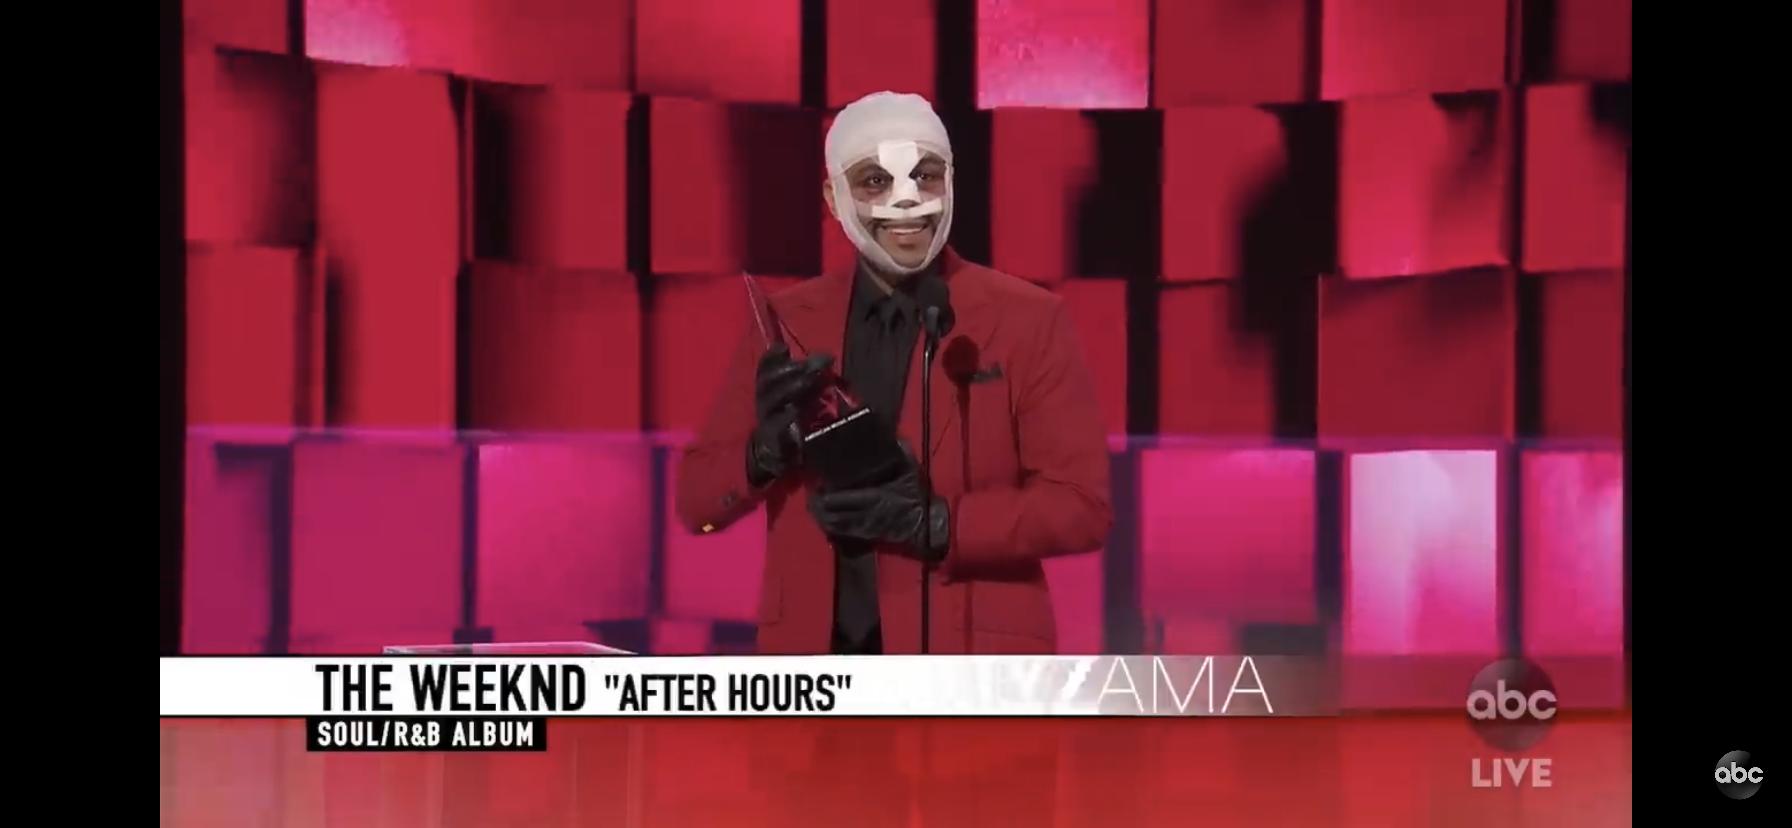 ザ・ウィークエンドが顔を大怪我した姿でアメリカン・ミュージック・アワードの授賞式に現れる。その理由とは?